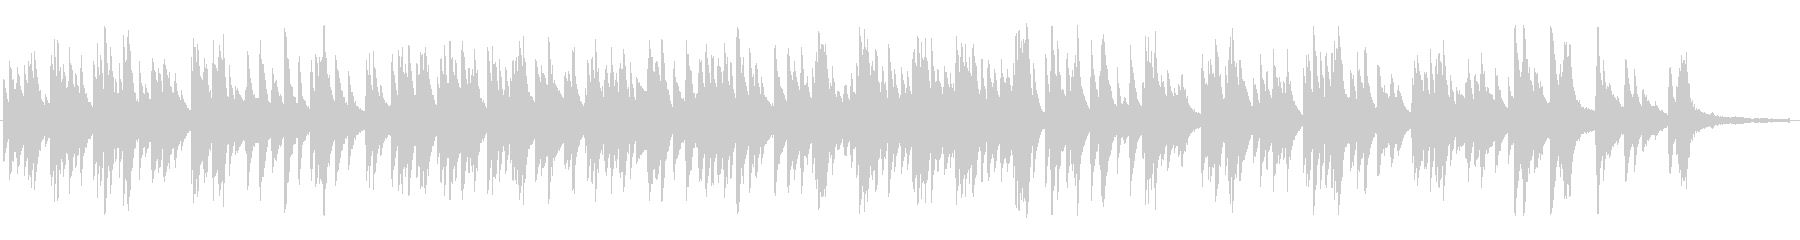 映画「カサブランカ」テーマ曲ピアノソロの未再生の波形